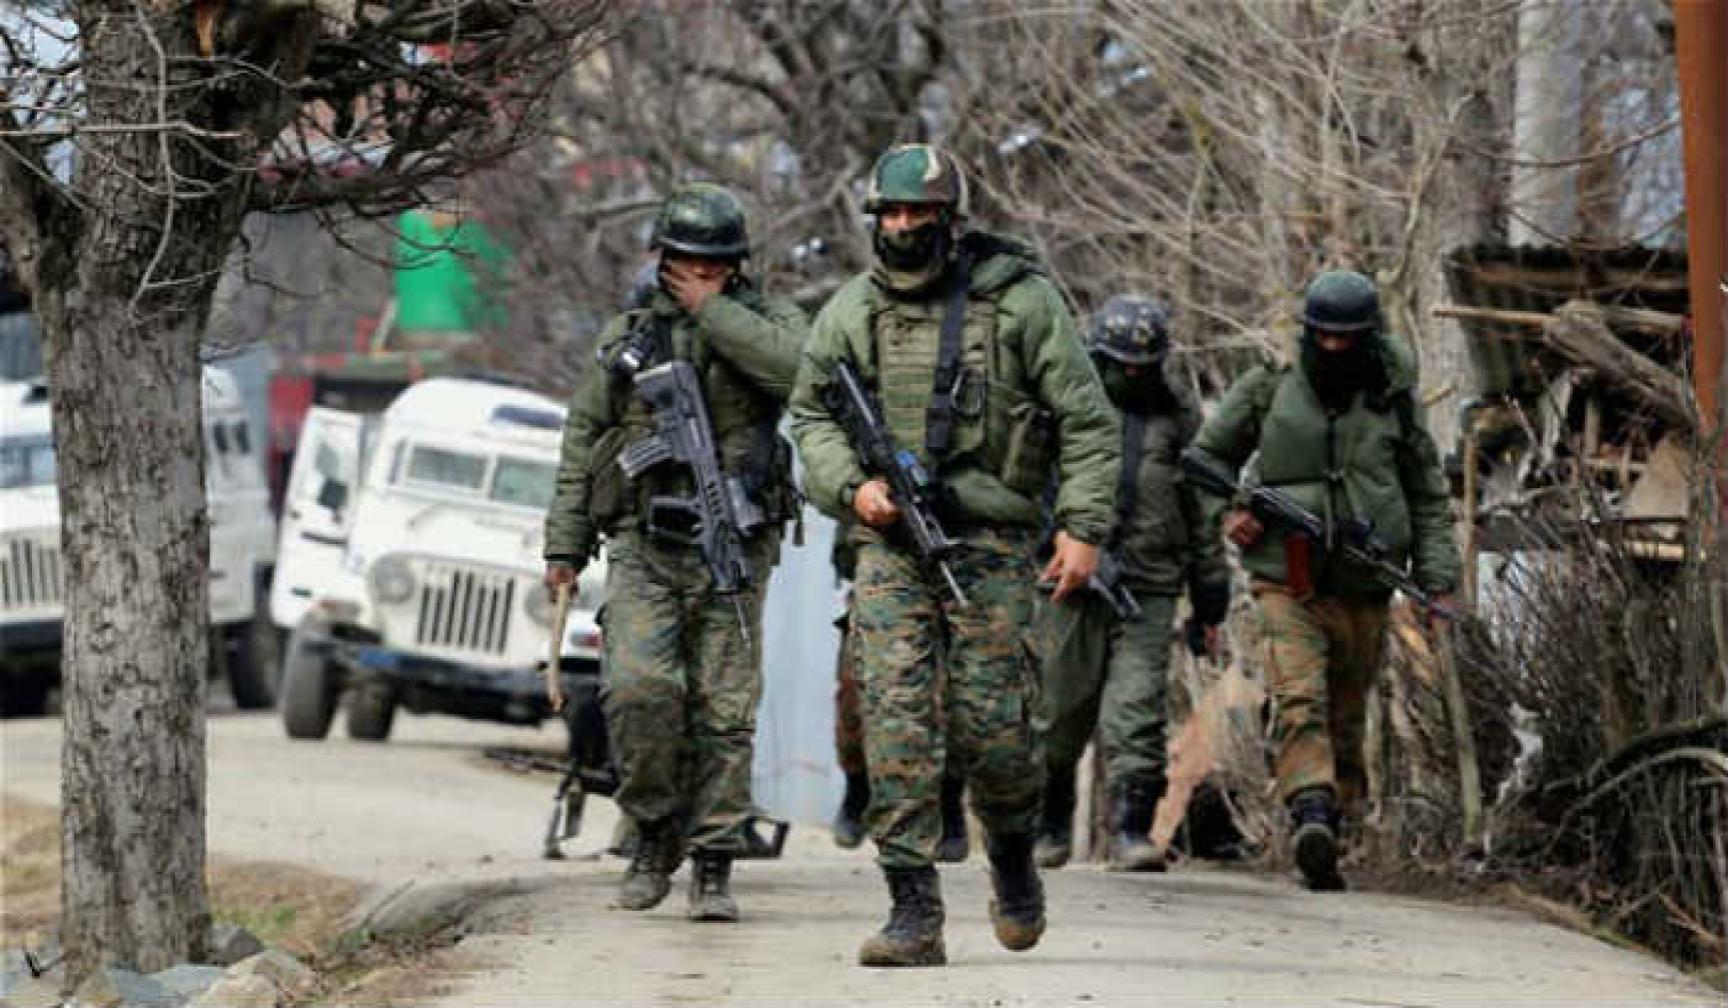 कठुआ और हीरानगर में भारतीय सेना ने शुरू किया सर्च ऑपरेशन, हाई अलर्ट जारी